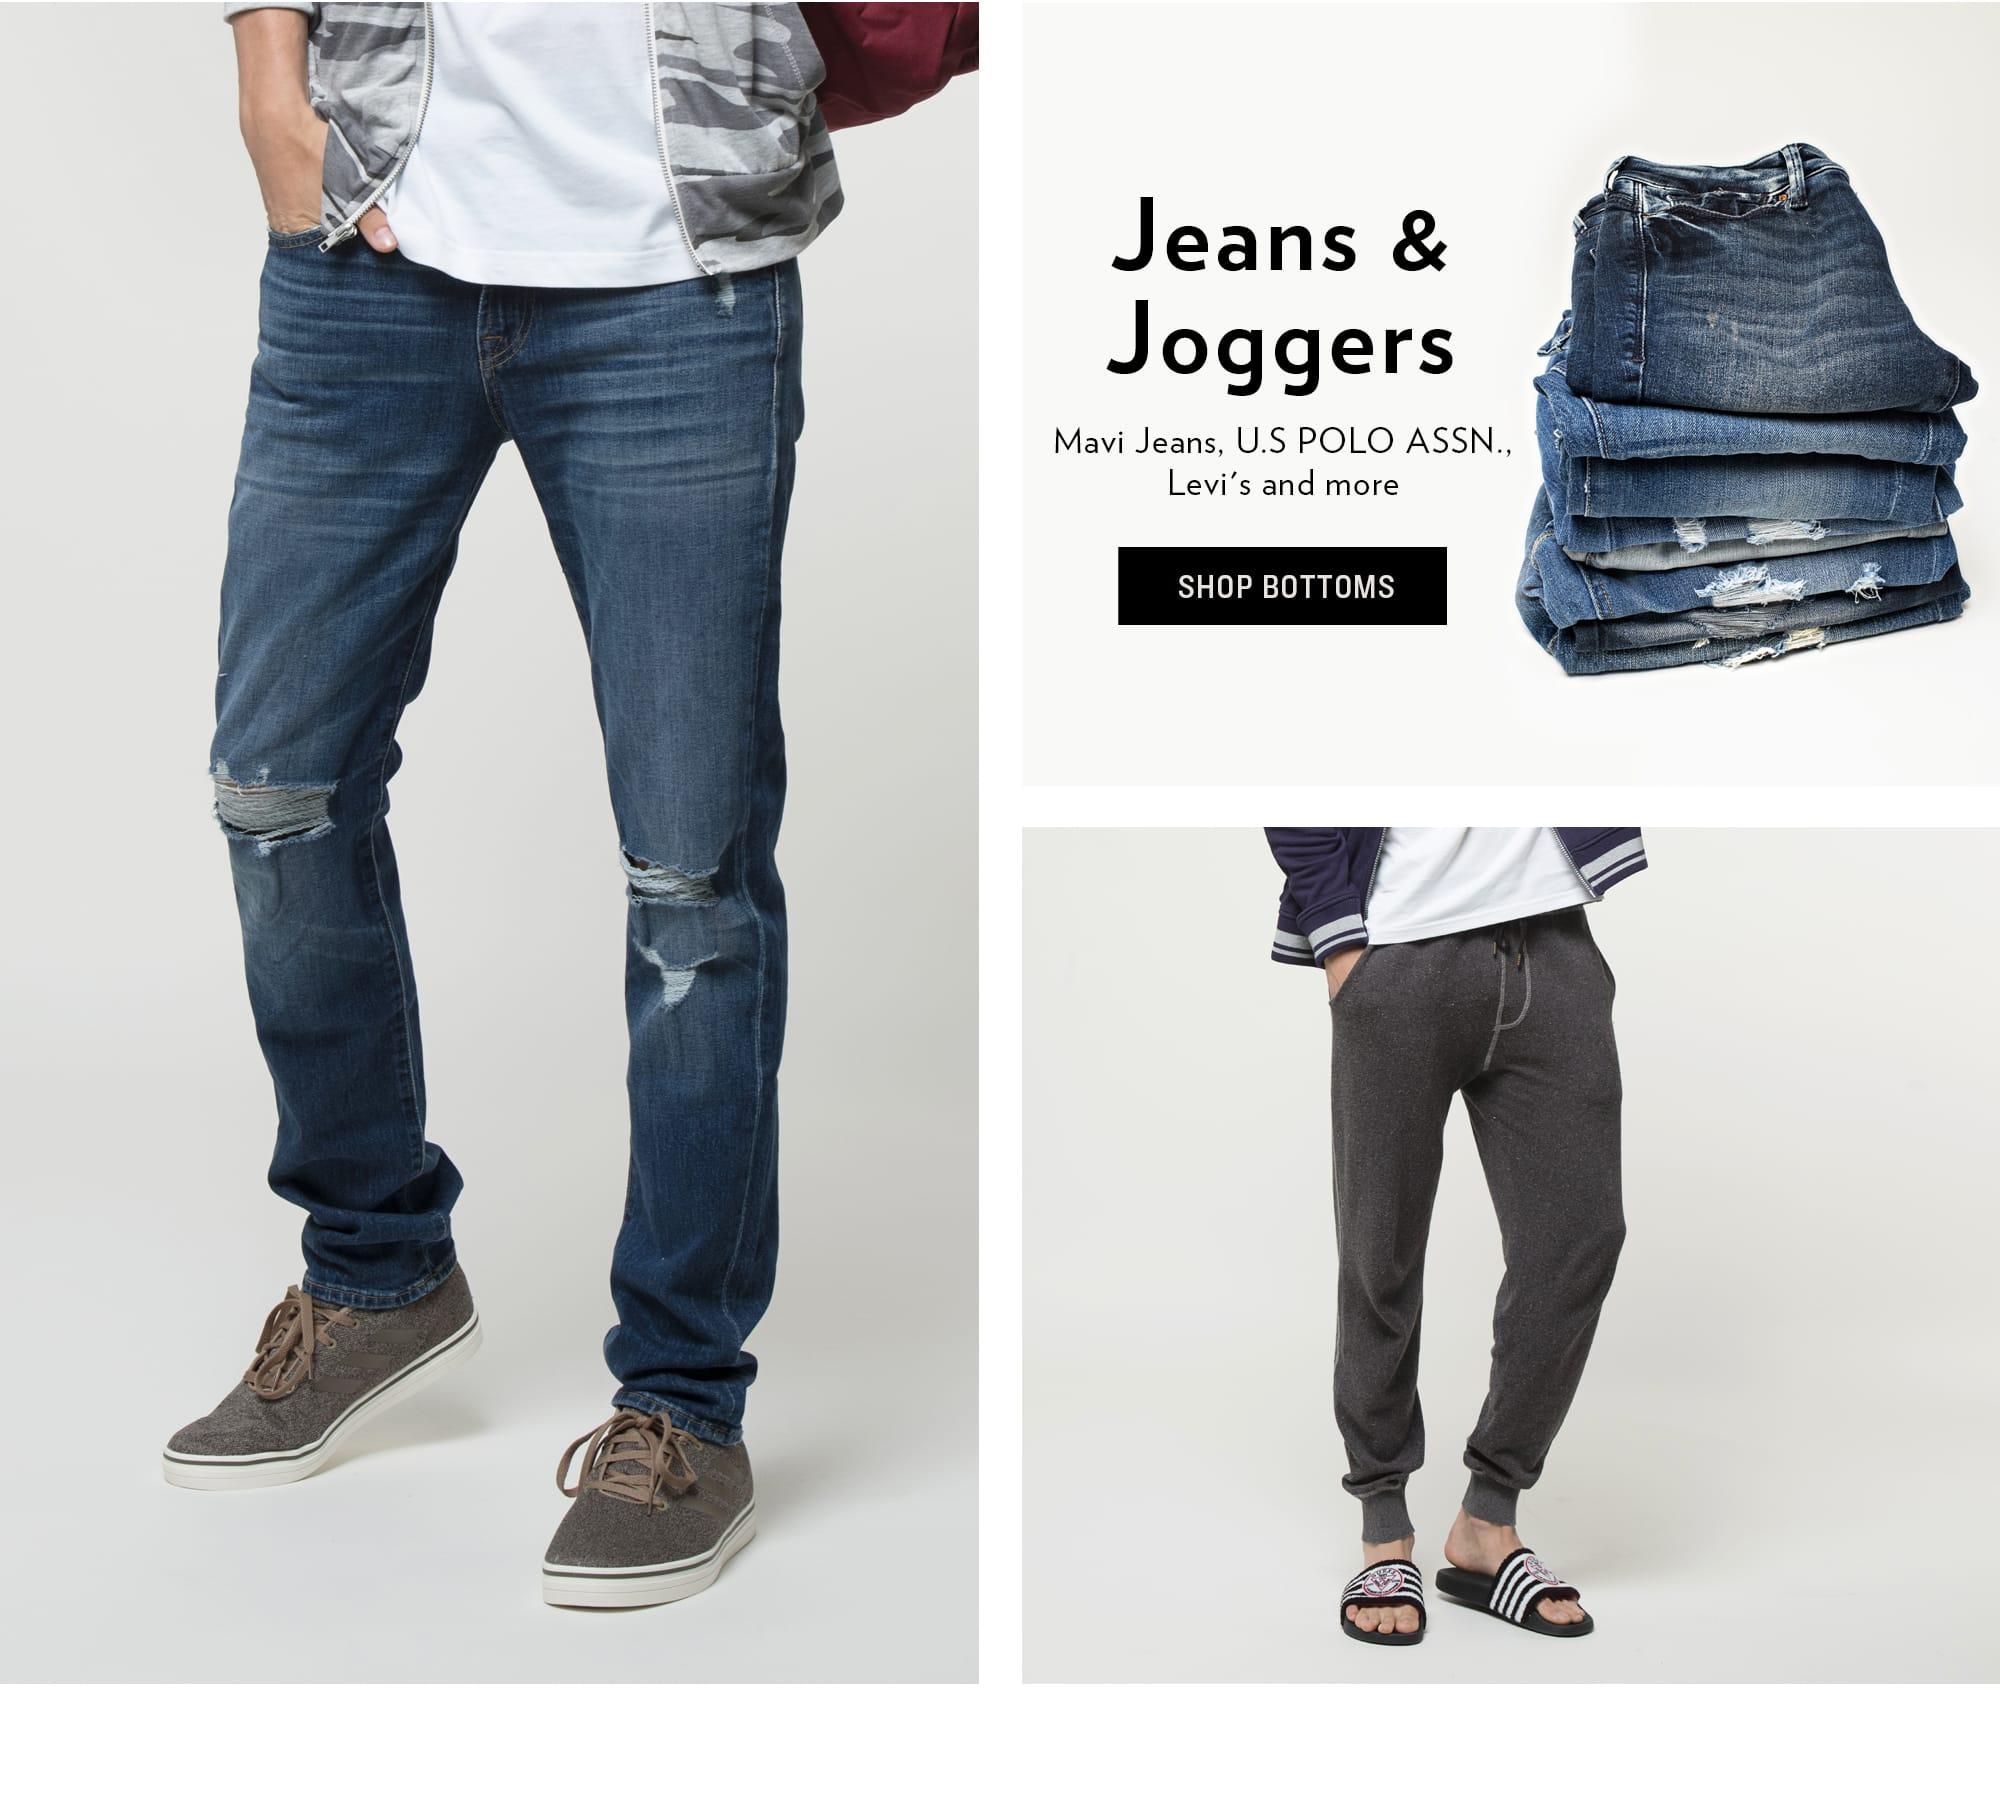 Shop Jeans & Joggers